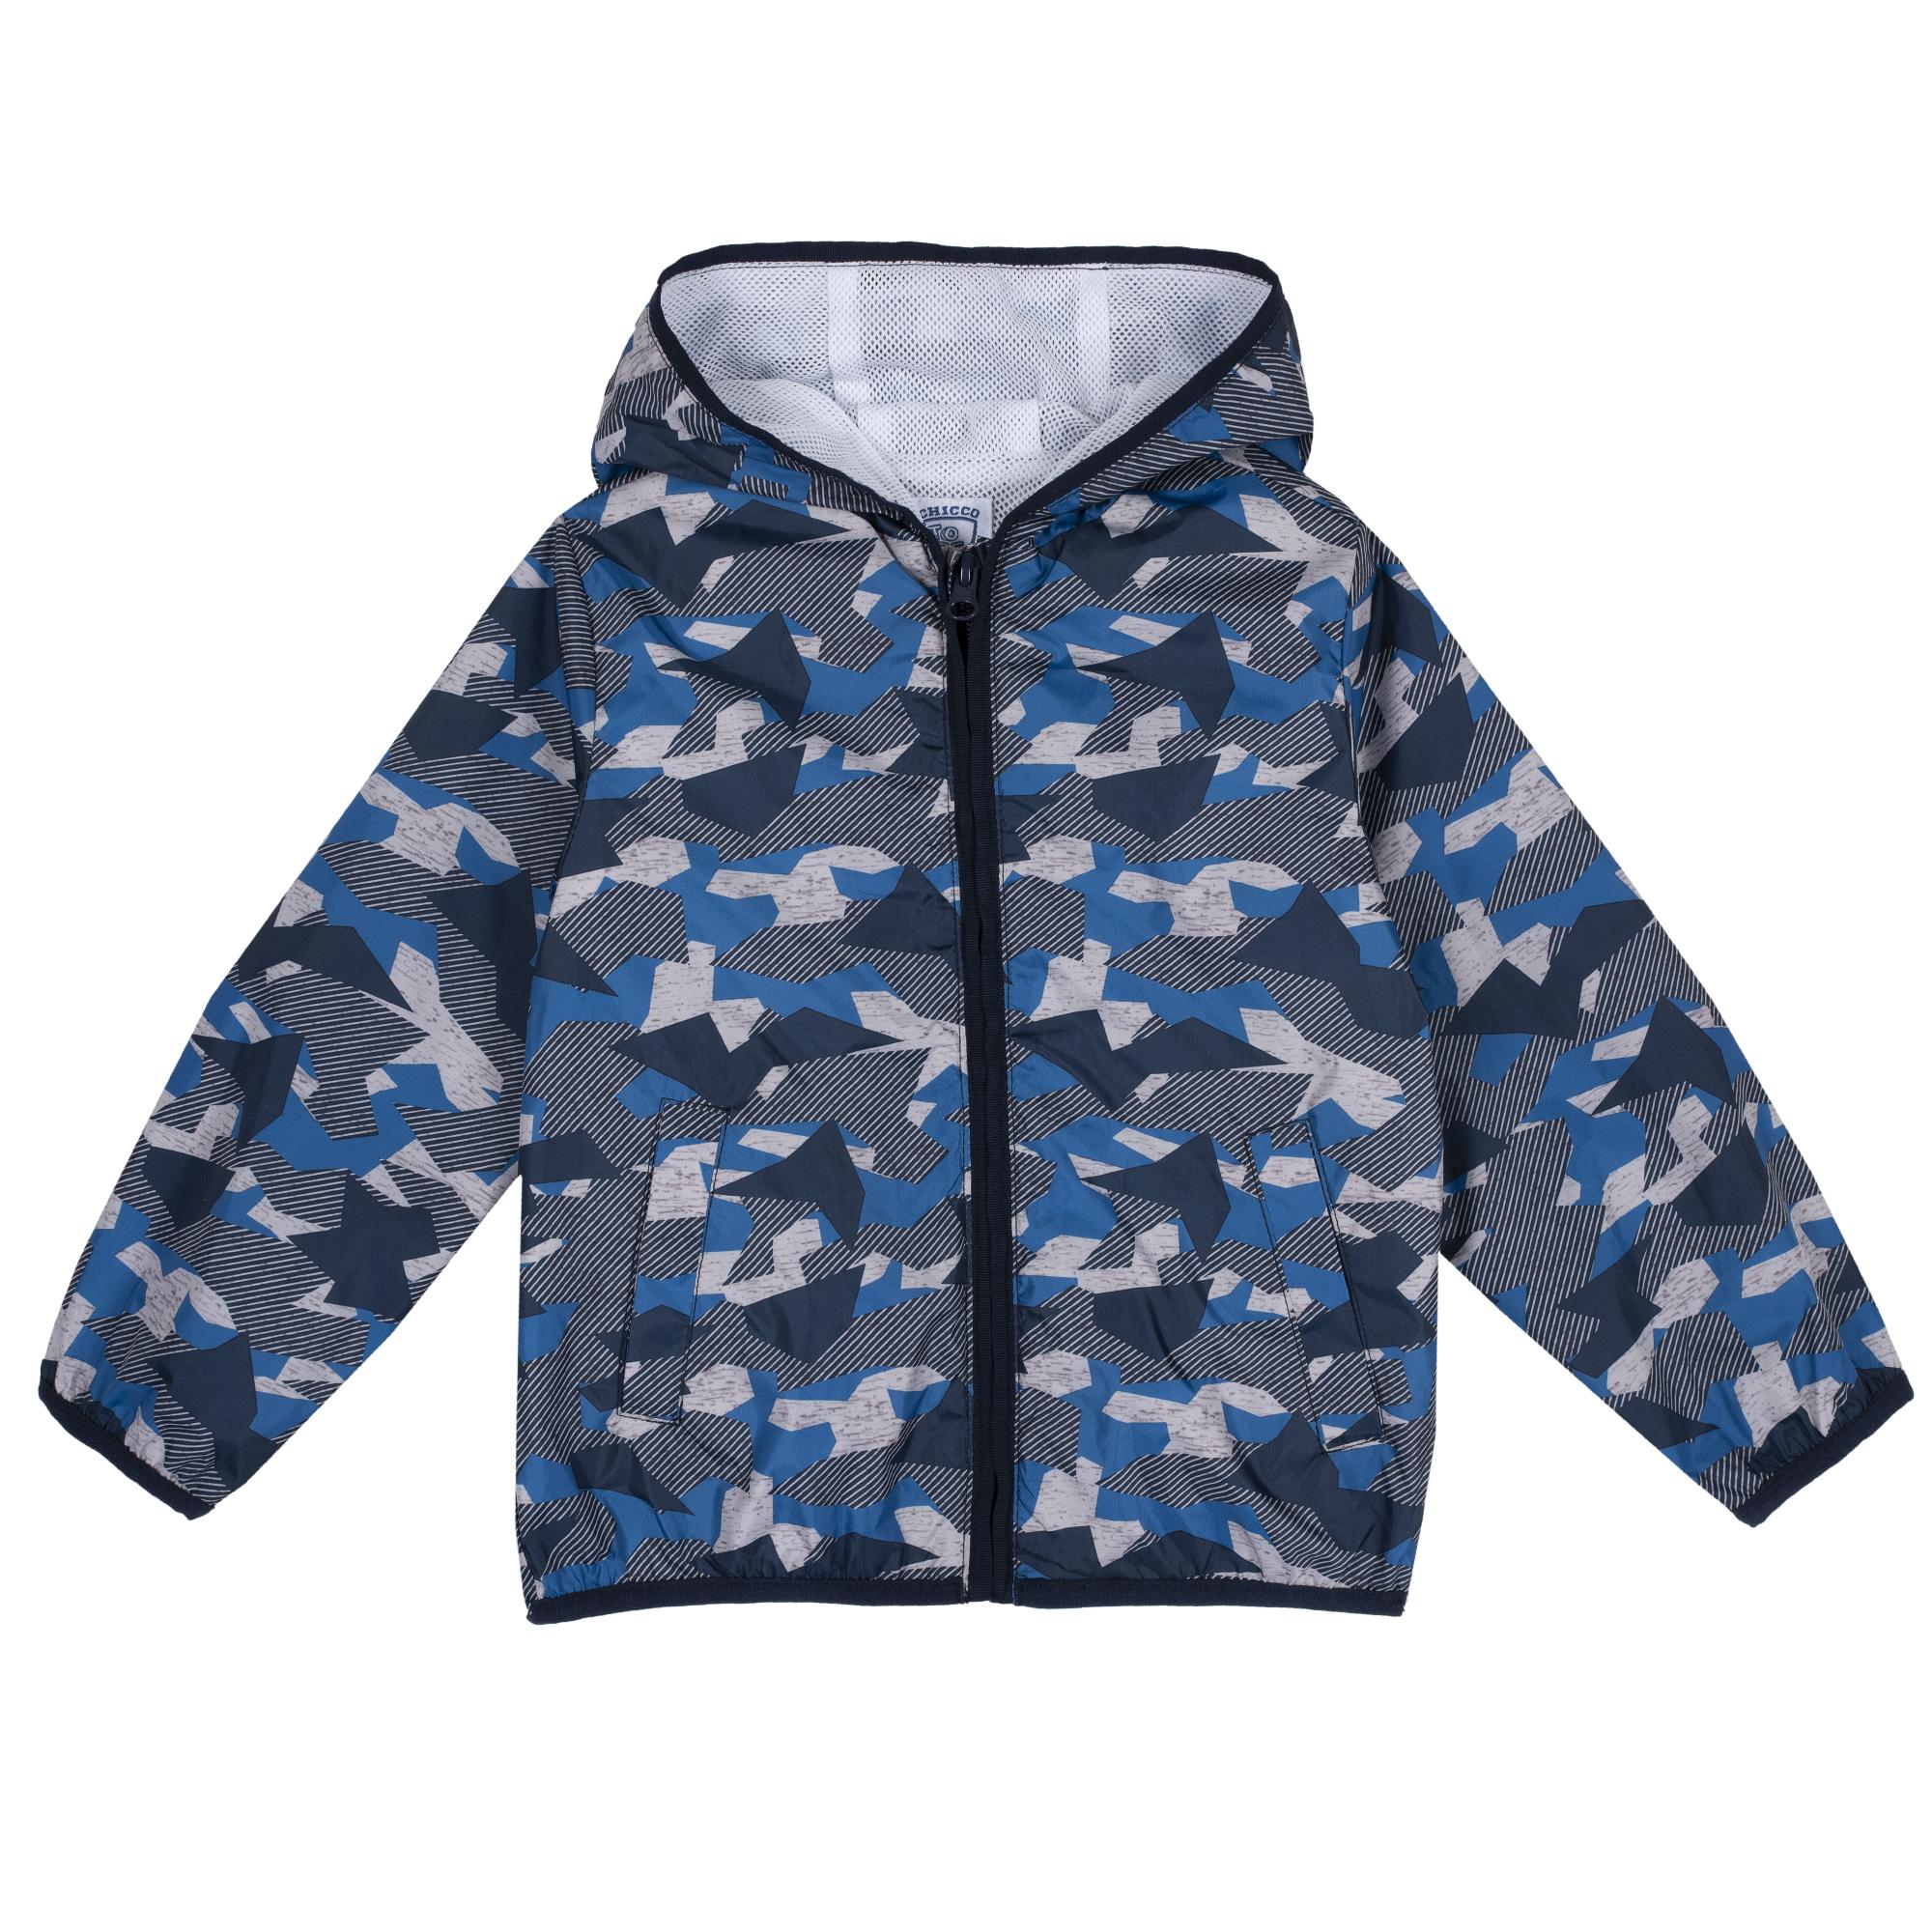 Jacheta Copii Chicco, Cu Gluga, Albastru, 87454 imagine